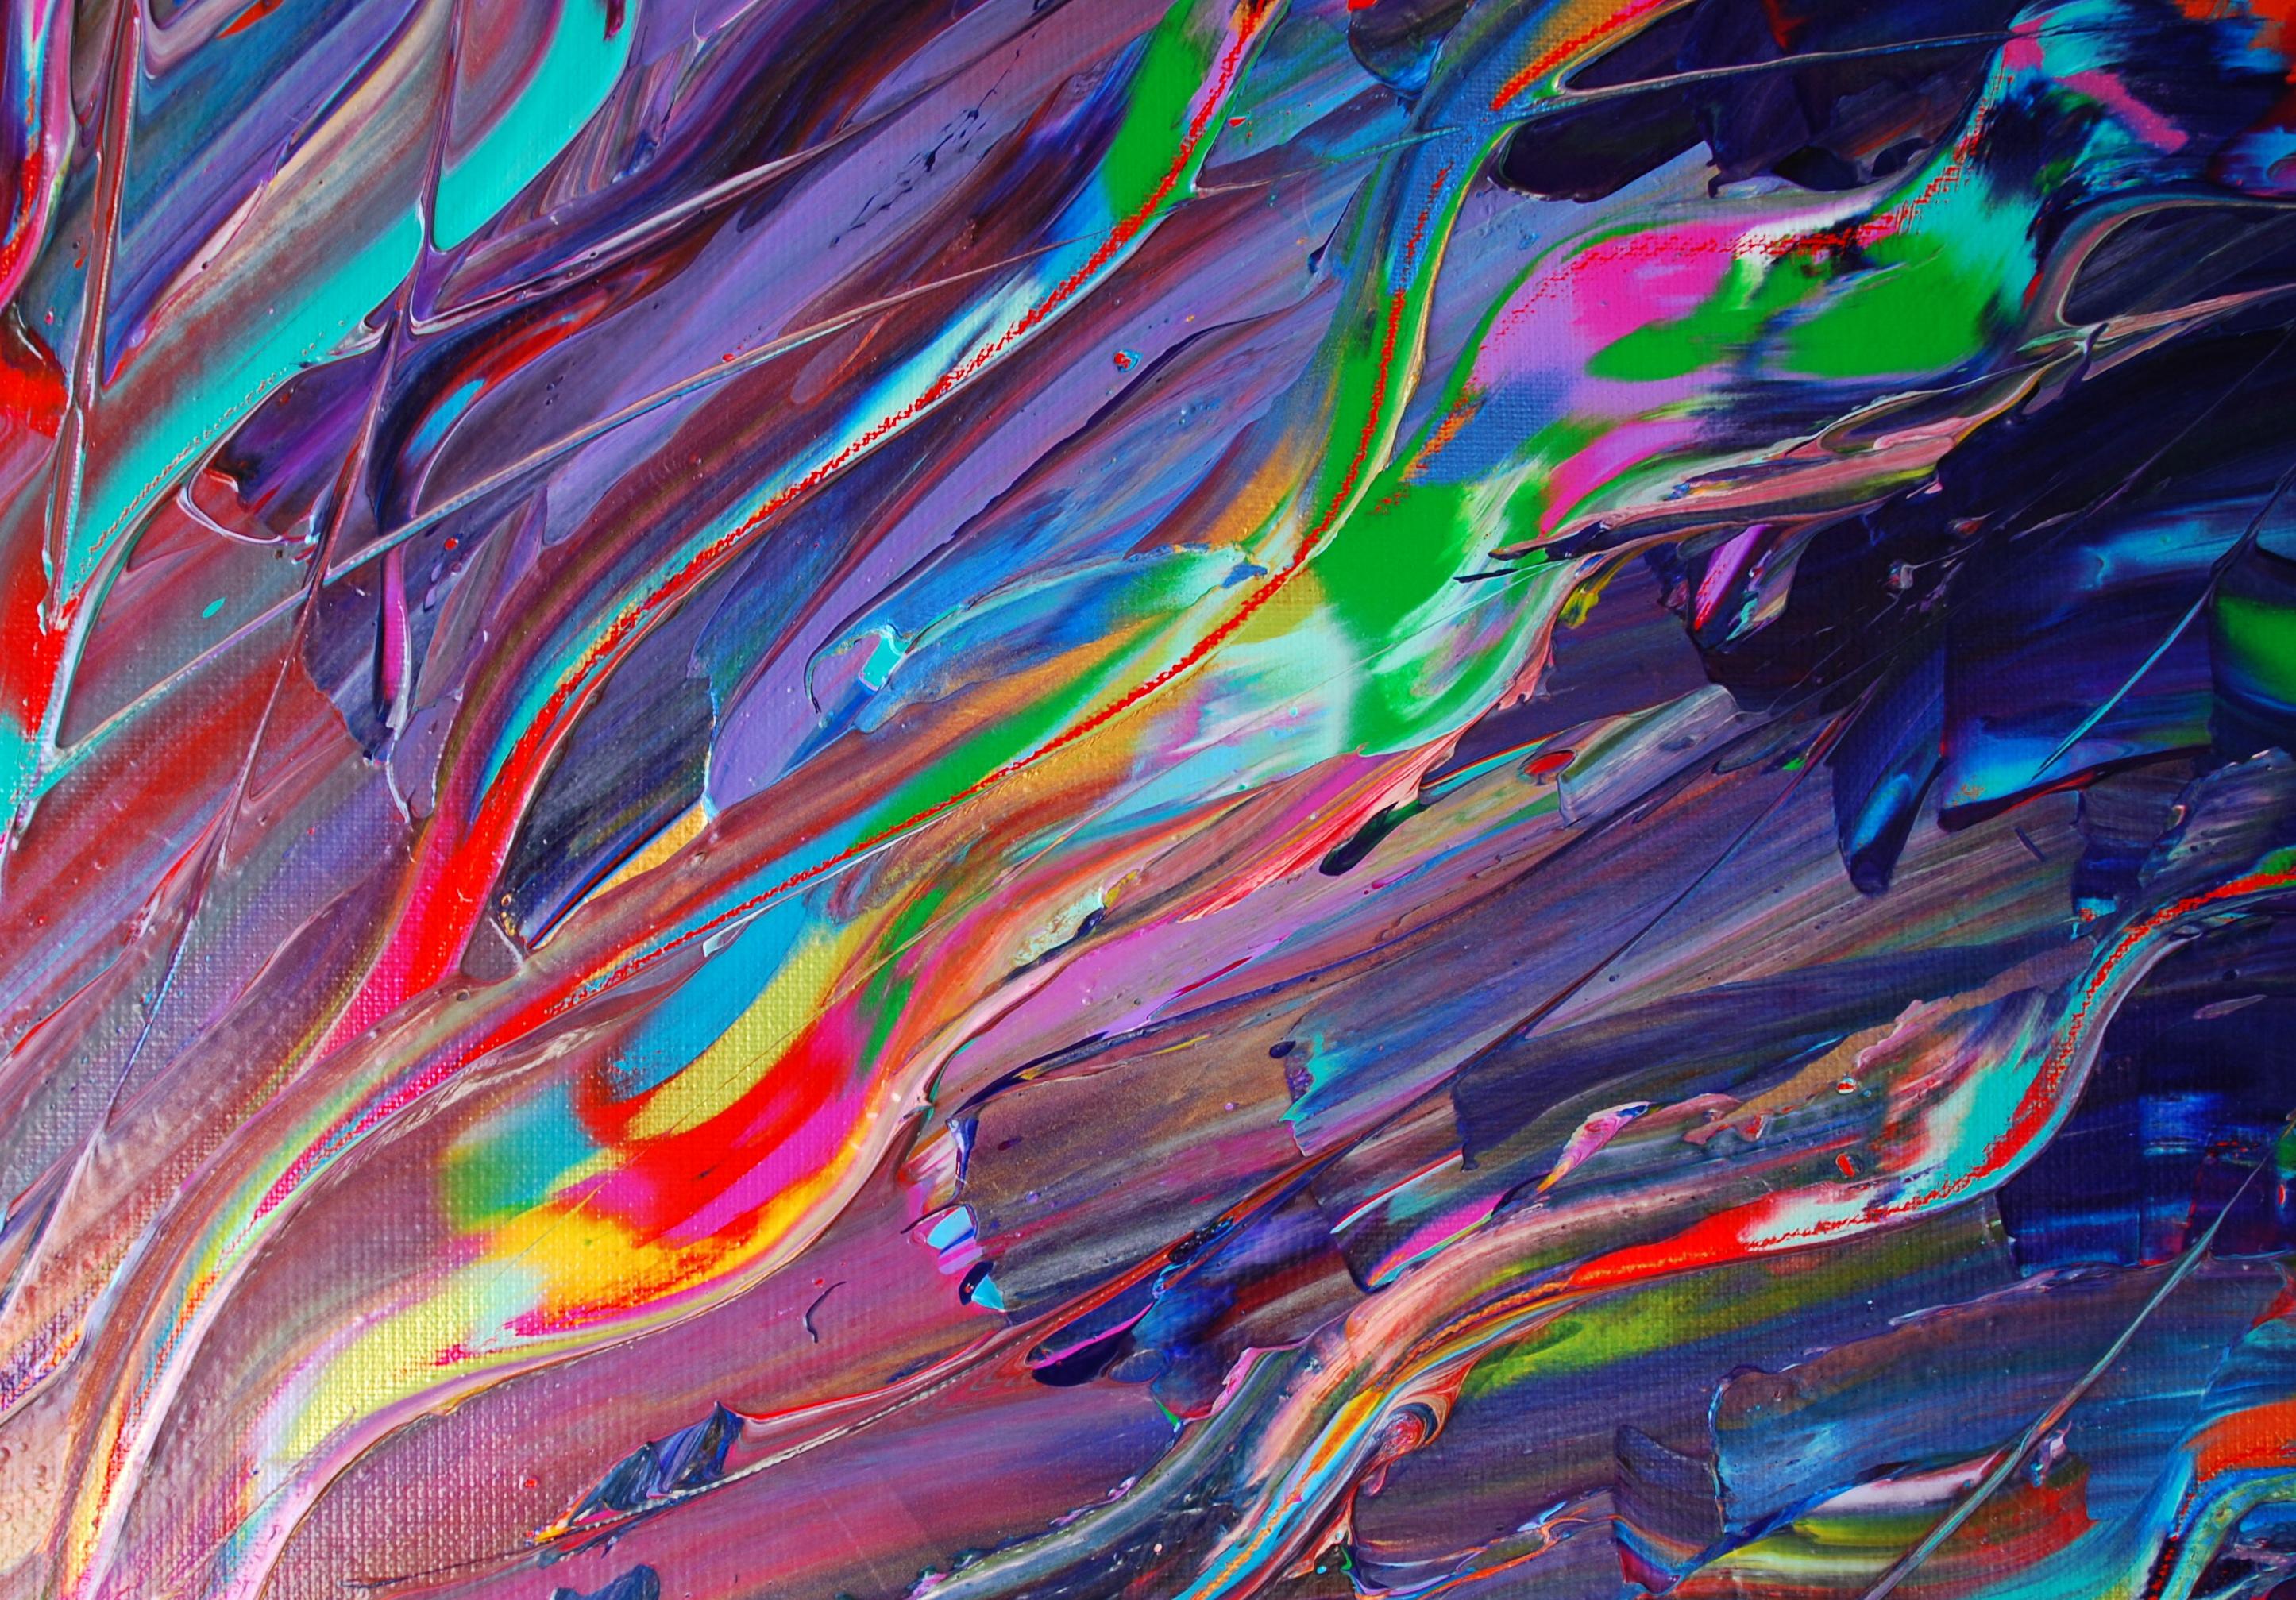 Details des oeuvres de la série Solar Plasma.La série Solar Plasma a pour thème central la force brute de la Vie. L'artiste par une peinture forte, presque violente, faite de couleurs crues et de gestes puissants, nous offre sa vision de l'énergie primale du BigBang, des origines de la Vie. Lysa parvient à capturer la lumière et nous la restitue grâce au jeu des couleurs, des tracés mouvants et puissants qu'elle sculpte au couteau à peindre. Il en résulte une oeuvre en relief, hybride, à mi-chemin entre peinture et sculpture.